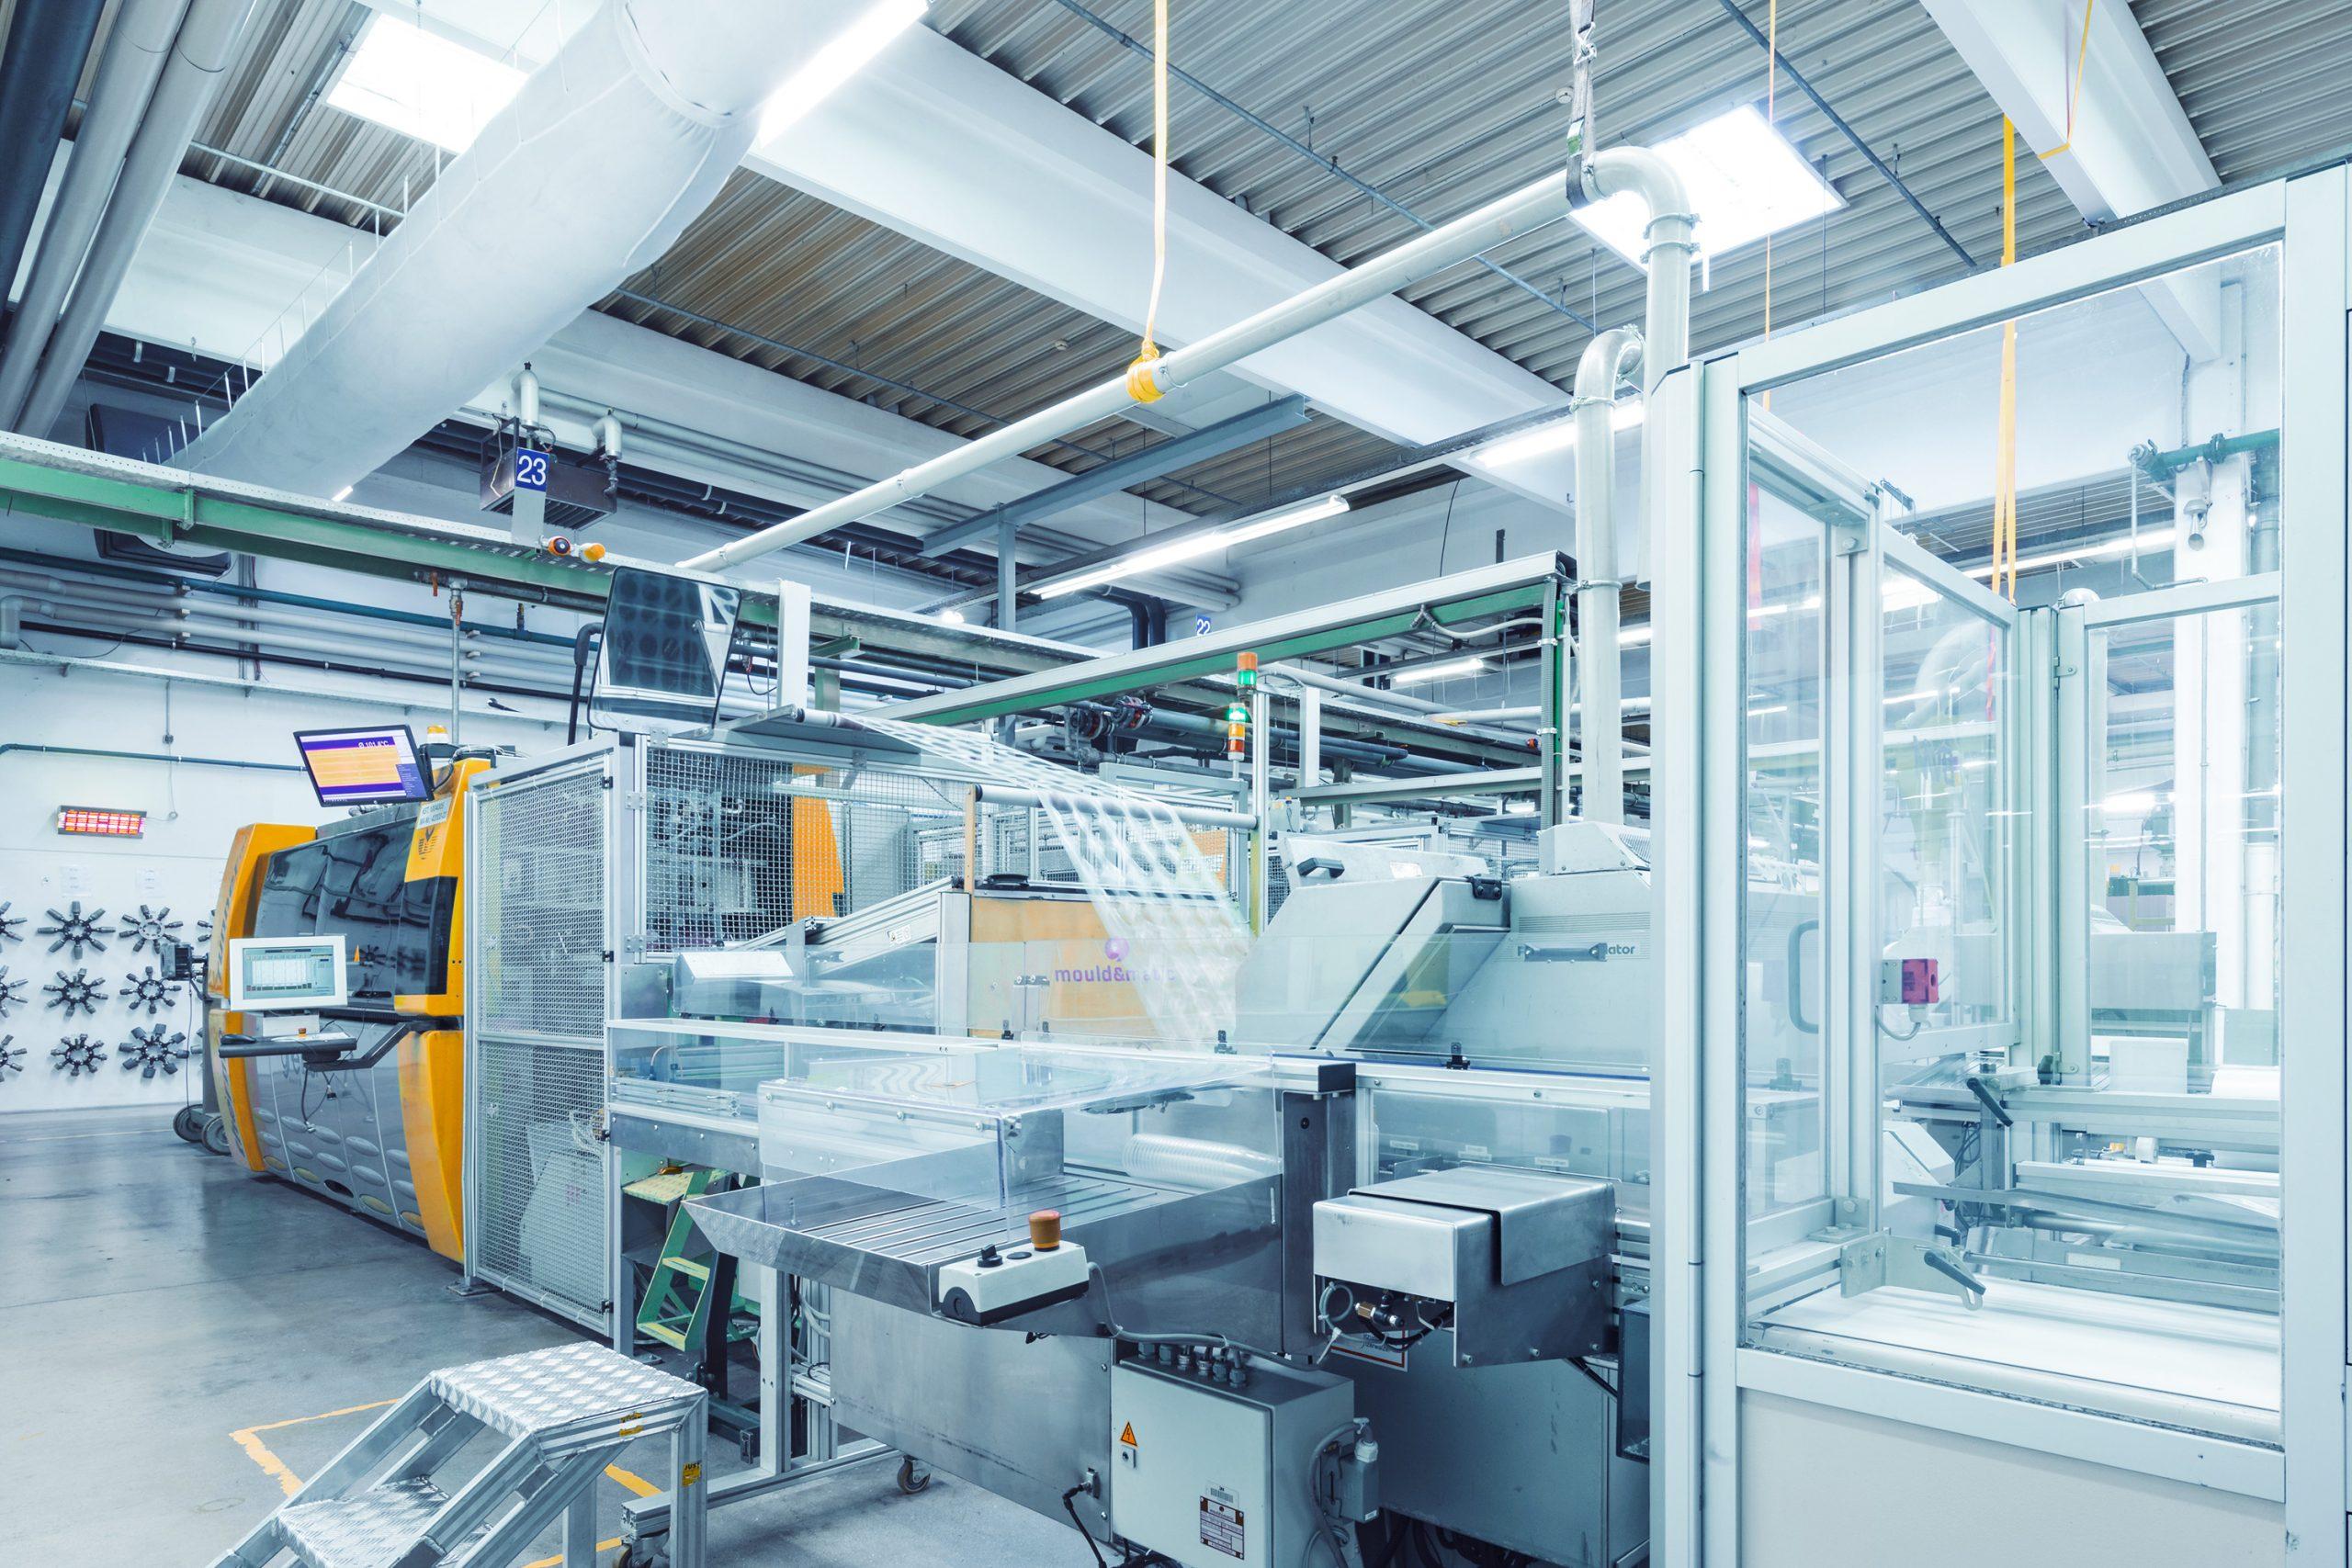 Weltweit gleiche Qualität zu produzieren und vergleichbare Kennzahlen zu erheben, waren wichtige Projektziele bei Greiner Packaging. (Bild: Greiner Packaging International GmbH)